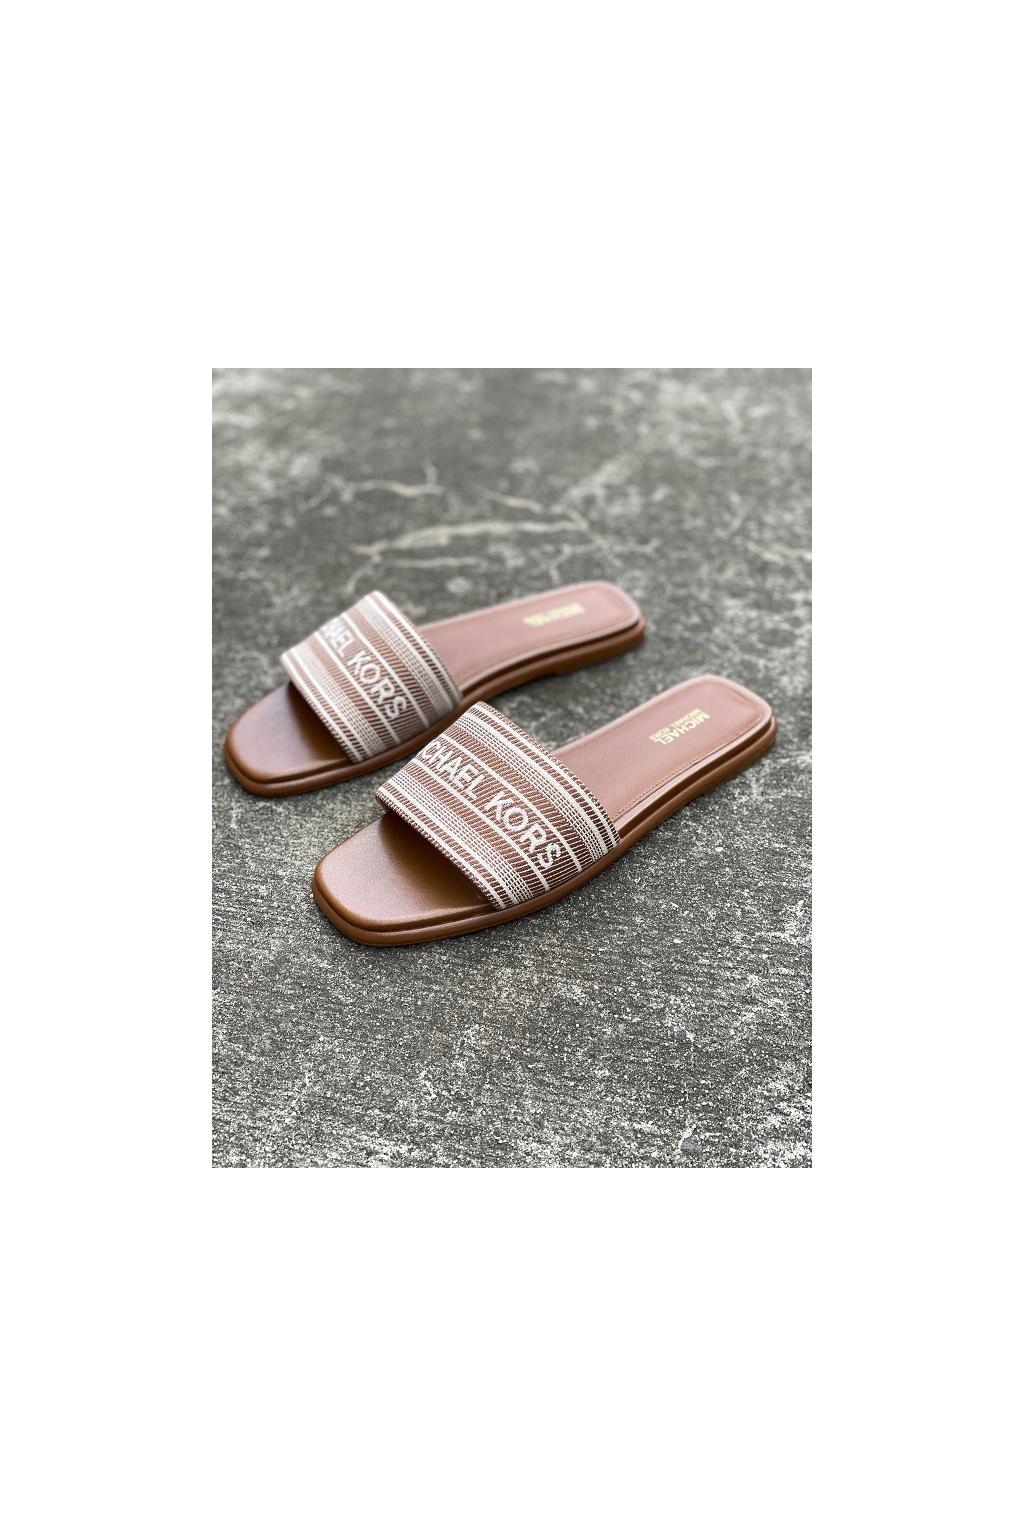 Dámské sandály Michael Kors Sadler Slide MK Stripe Jacquard hnědé